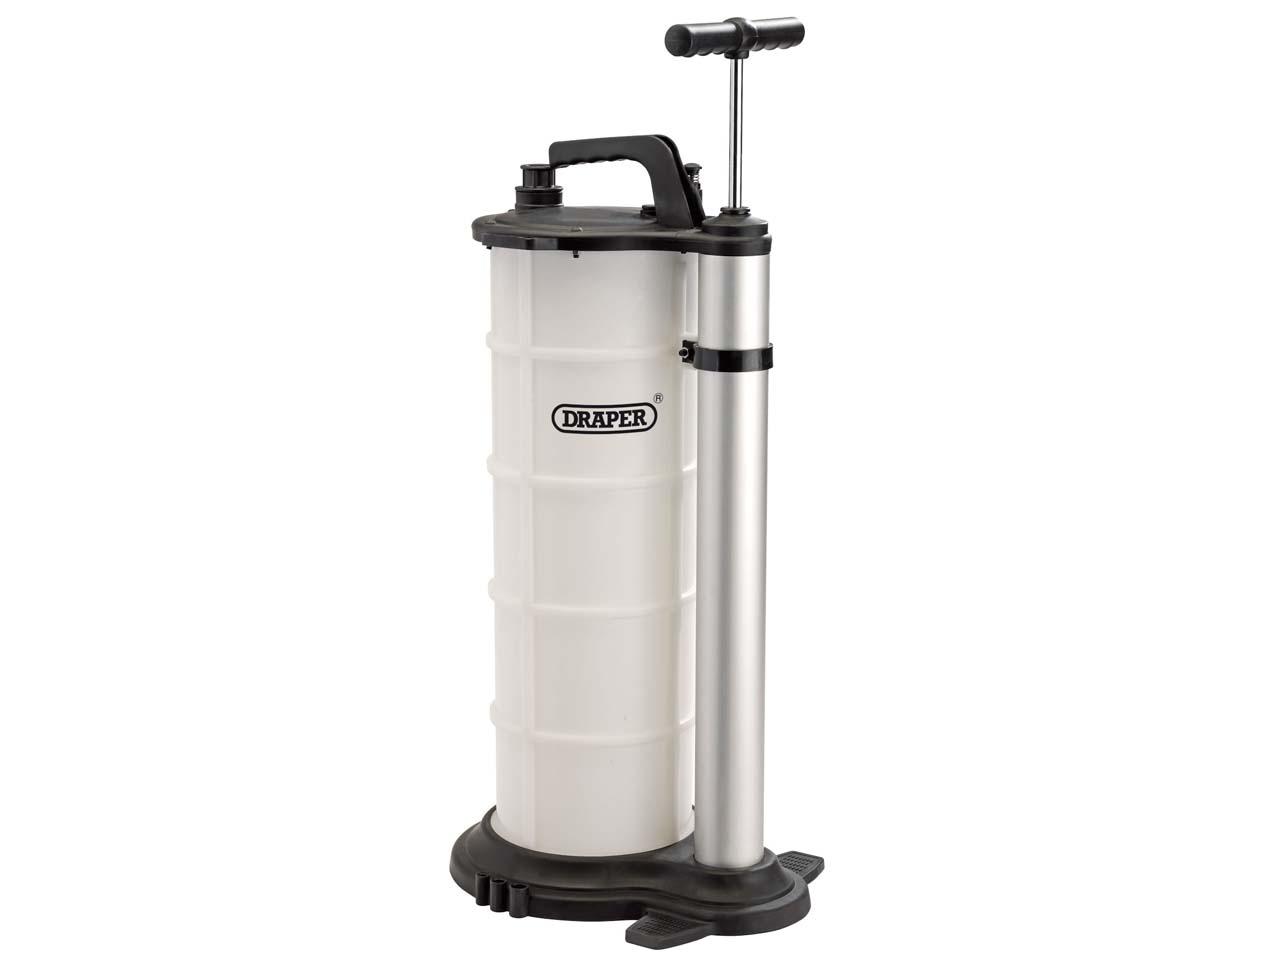 Draper MFE9L Manual Fluid Extractor 9L